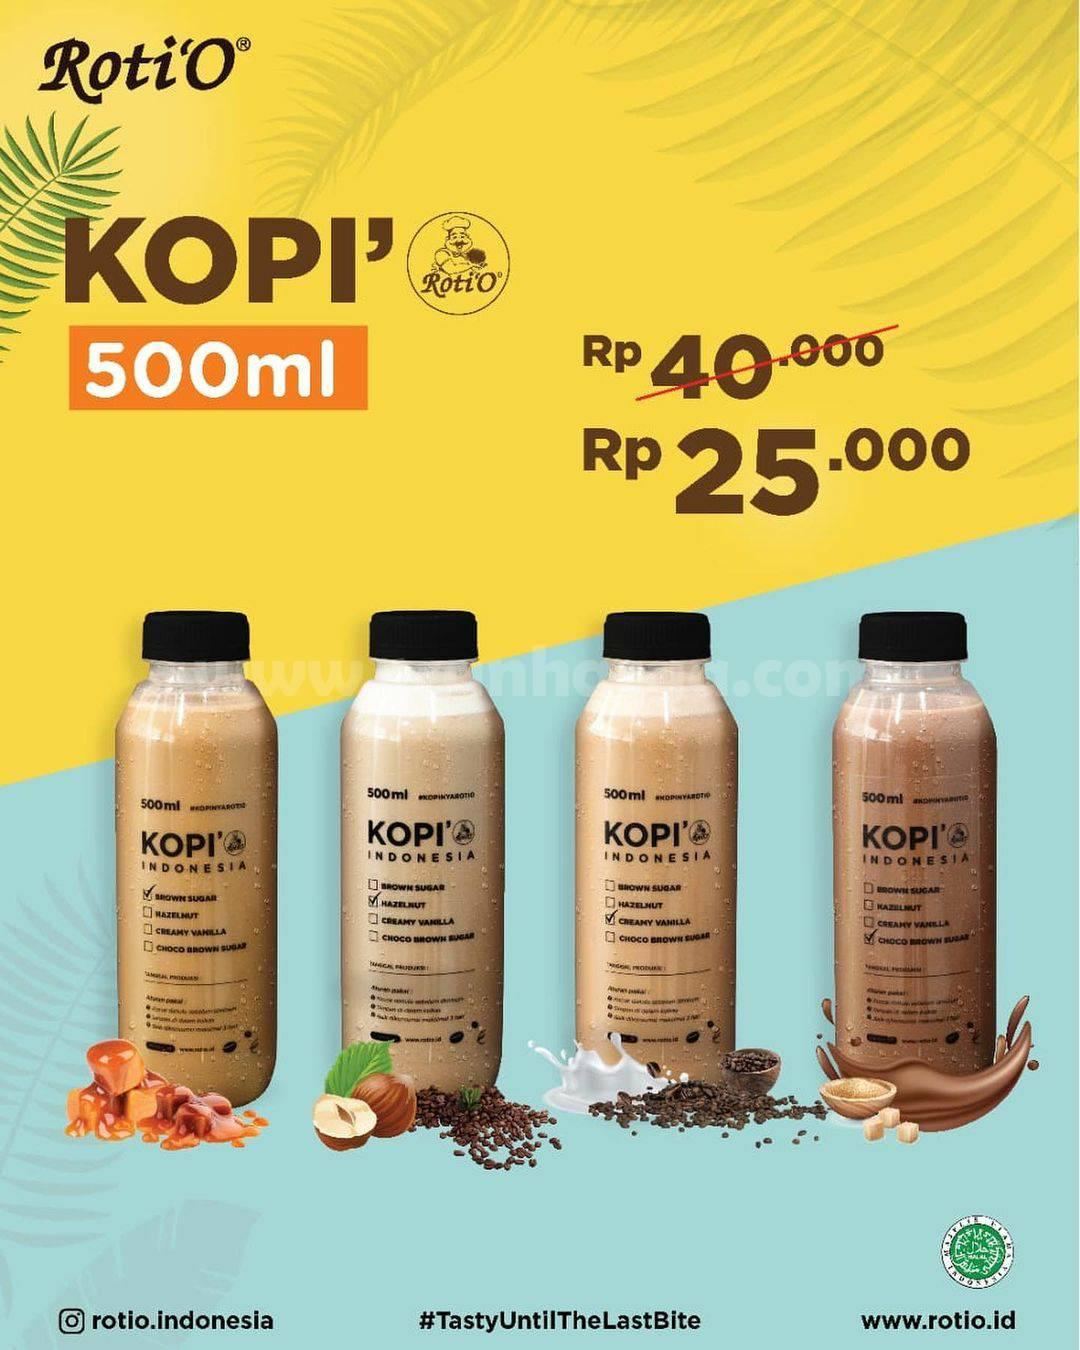 Promo Roti'O PPKM / Promo Paling Keren & Mantap mulai Rp. 10.000 2